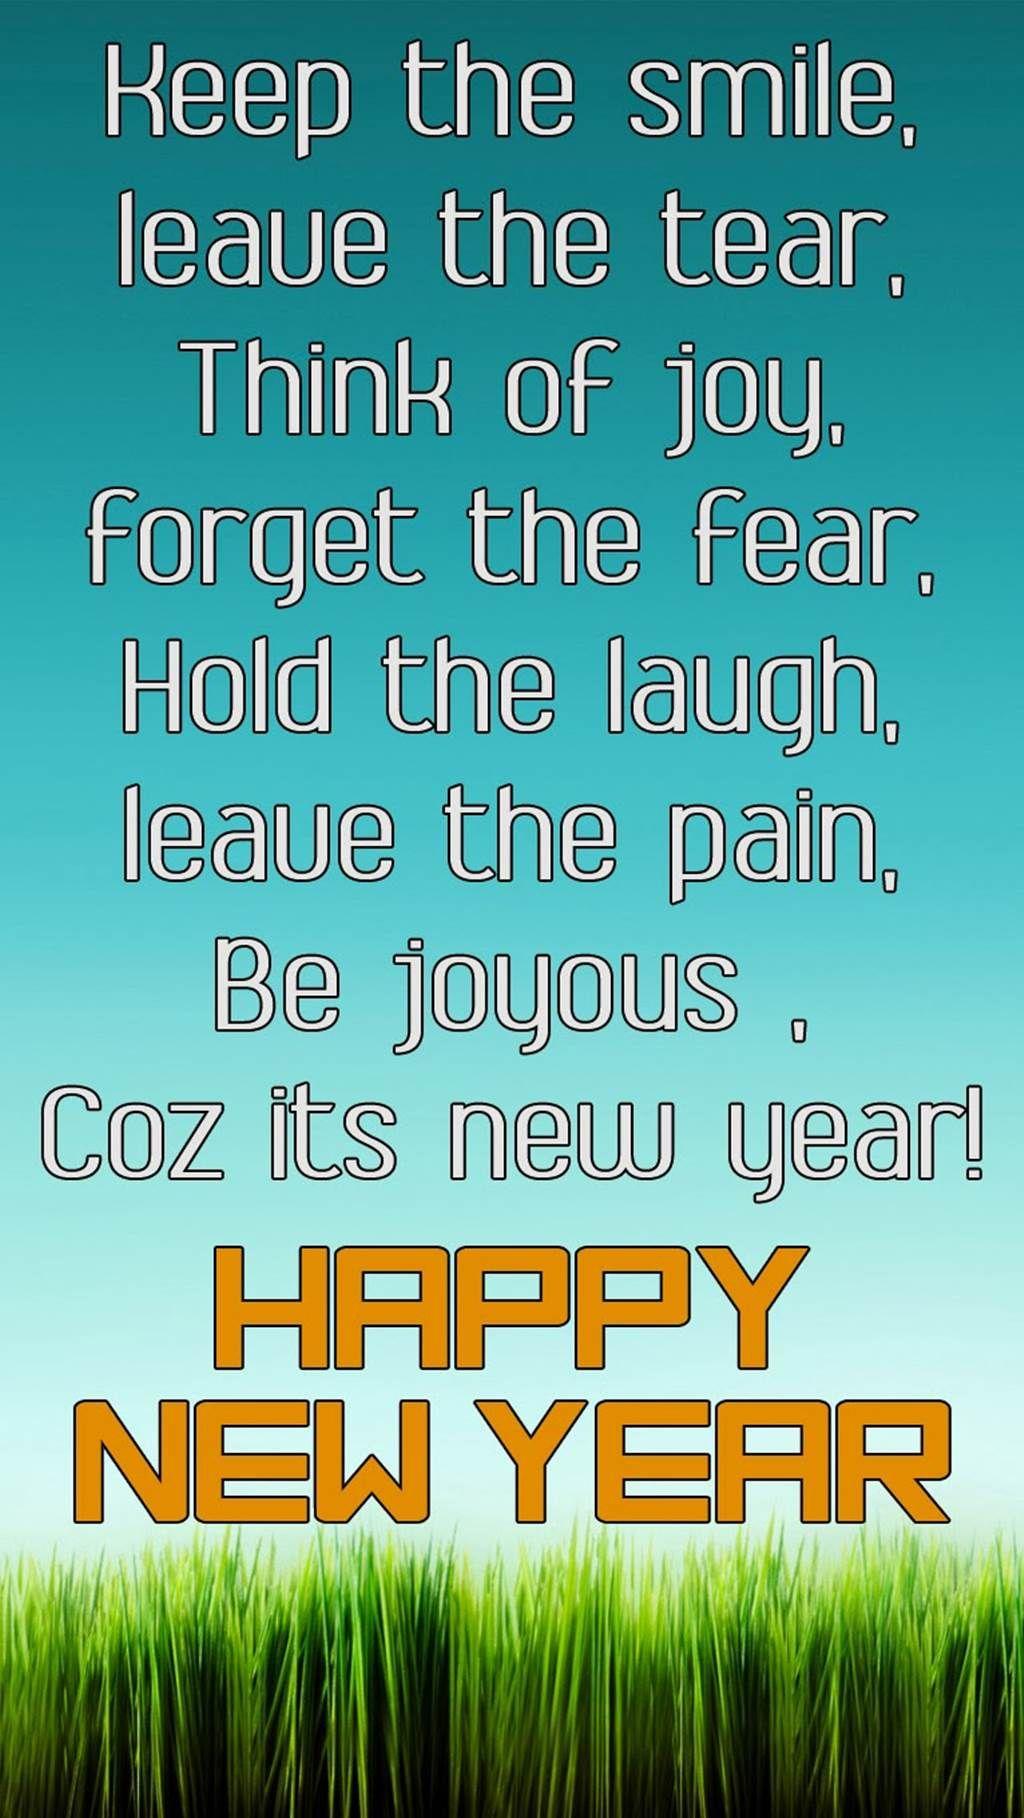 happy new year (con imágenes)